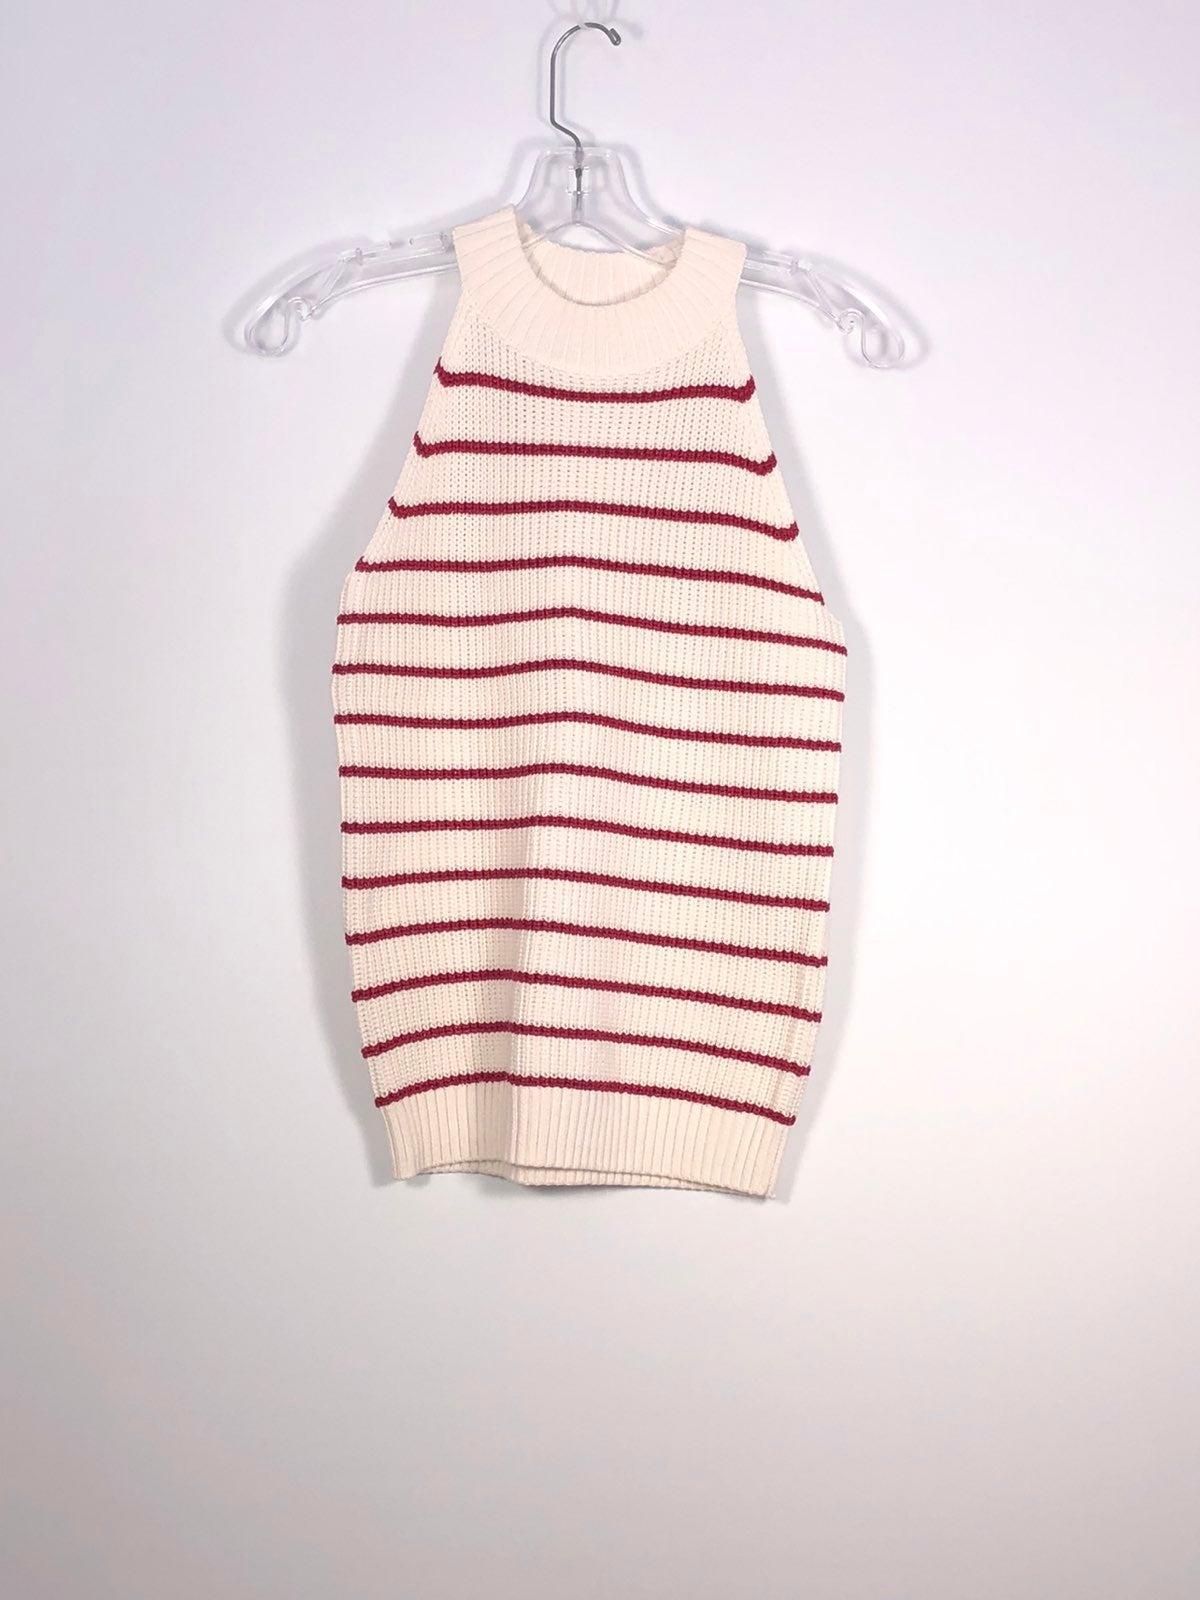 NWT LOFT Stripe Shimmer Sweater Tank